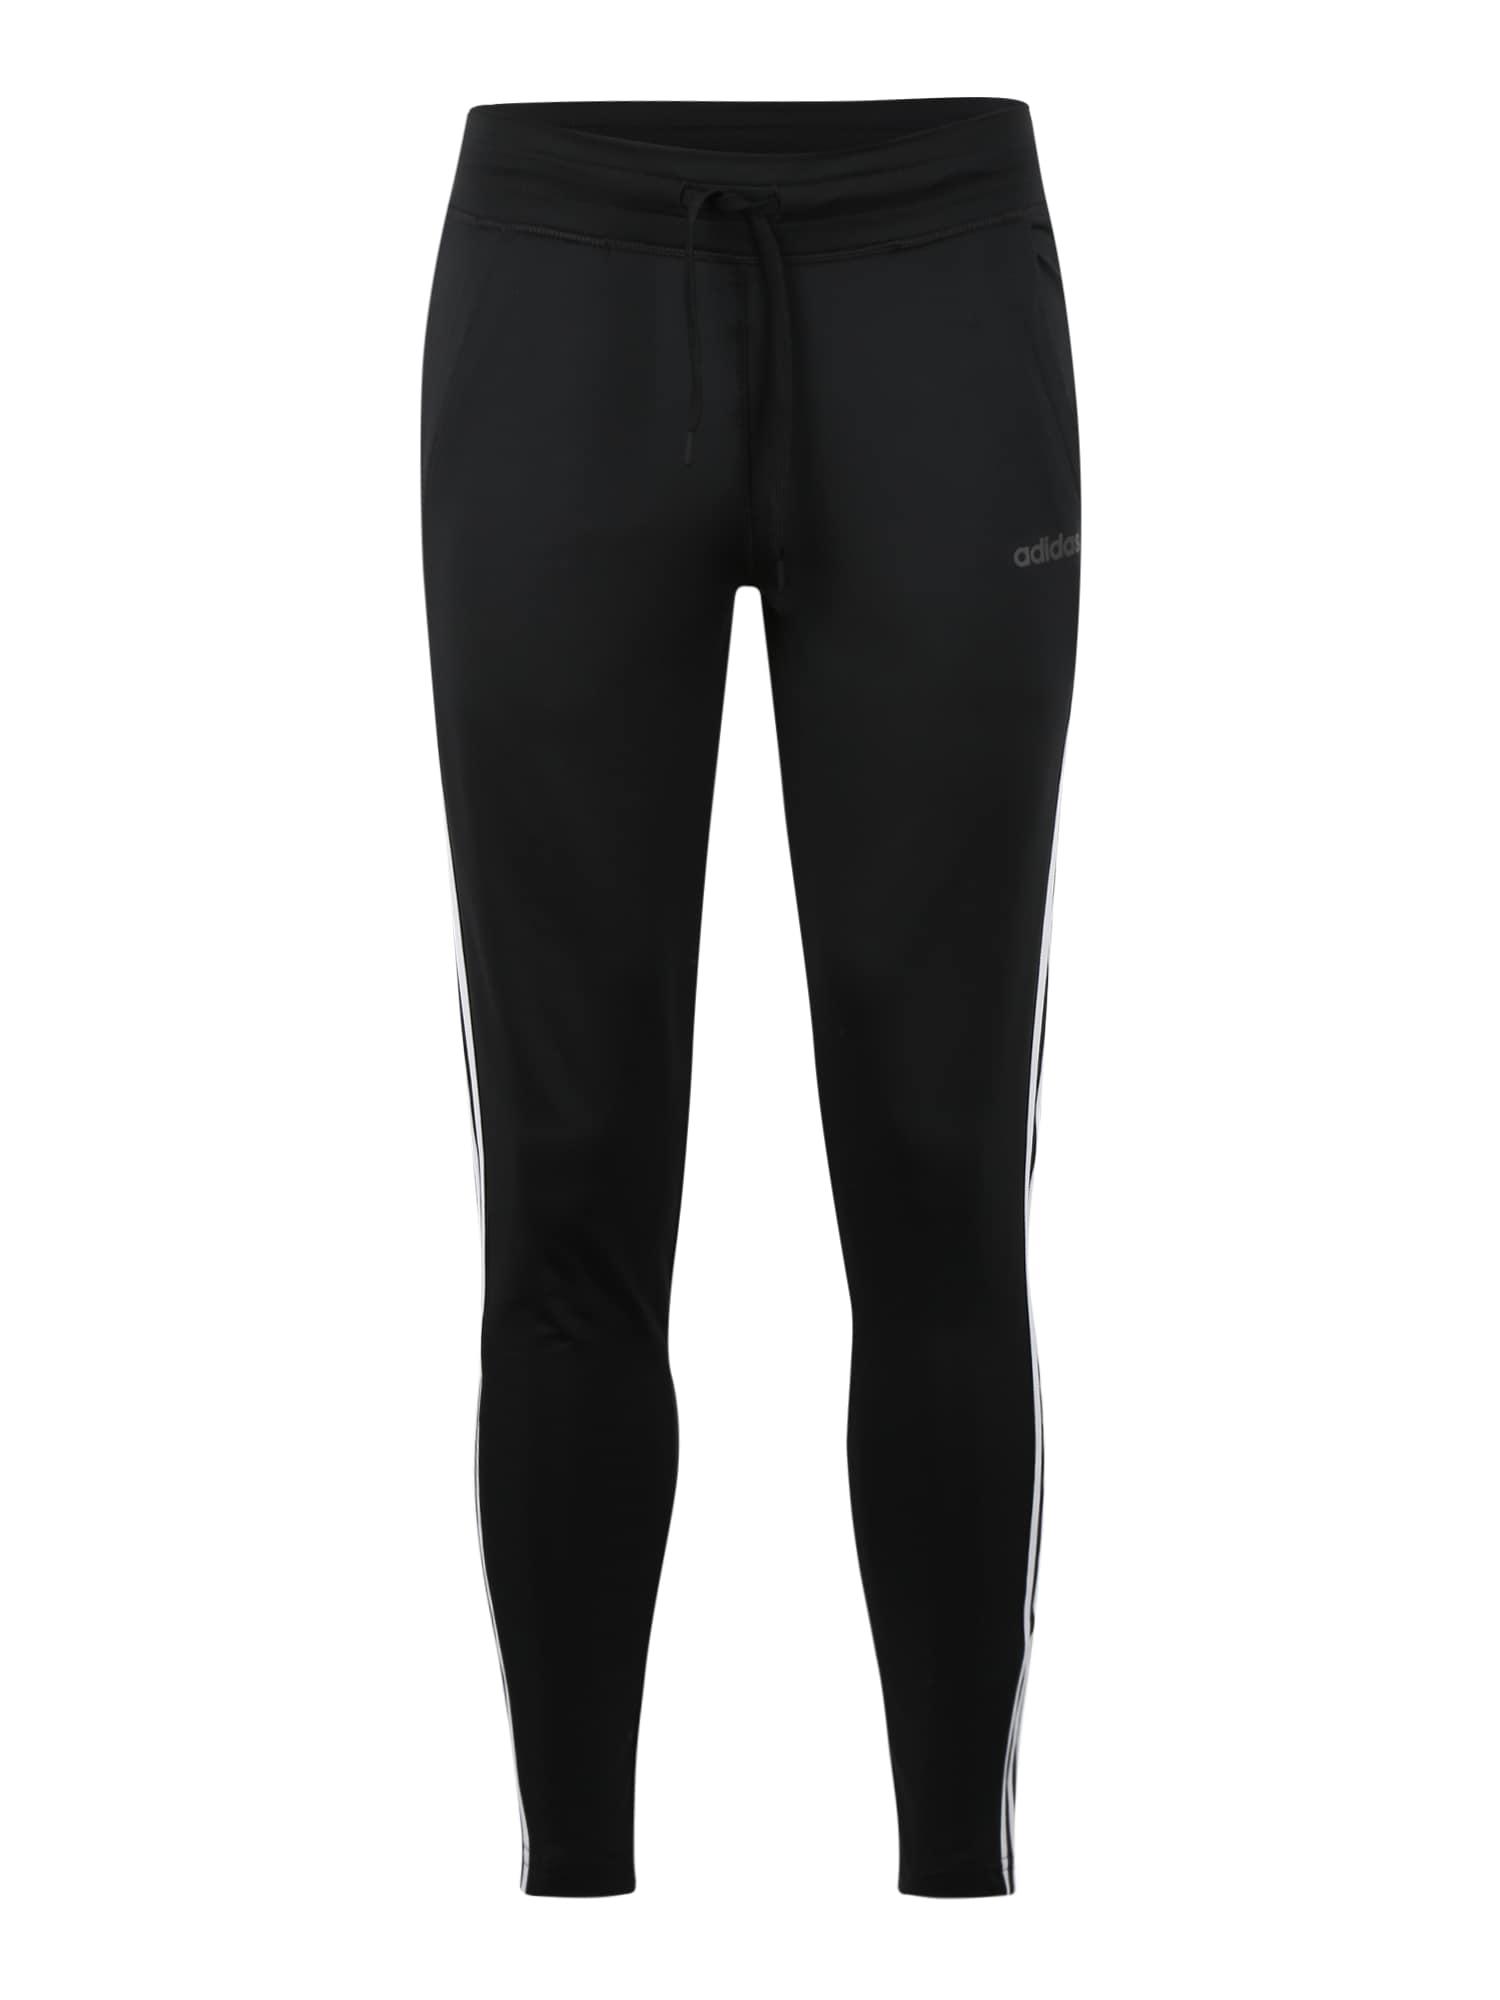 ADIDAS PERFORMANCE Sportinės kelnės 'D2M' balta / juoda